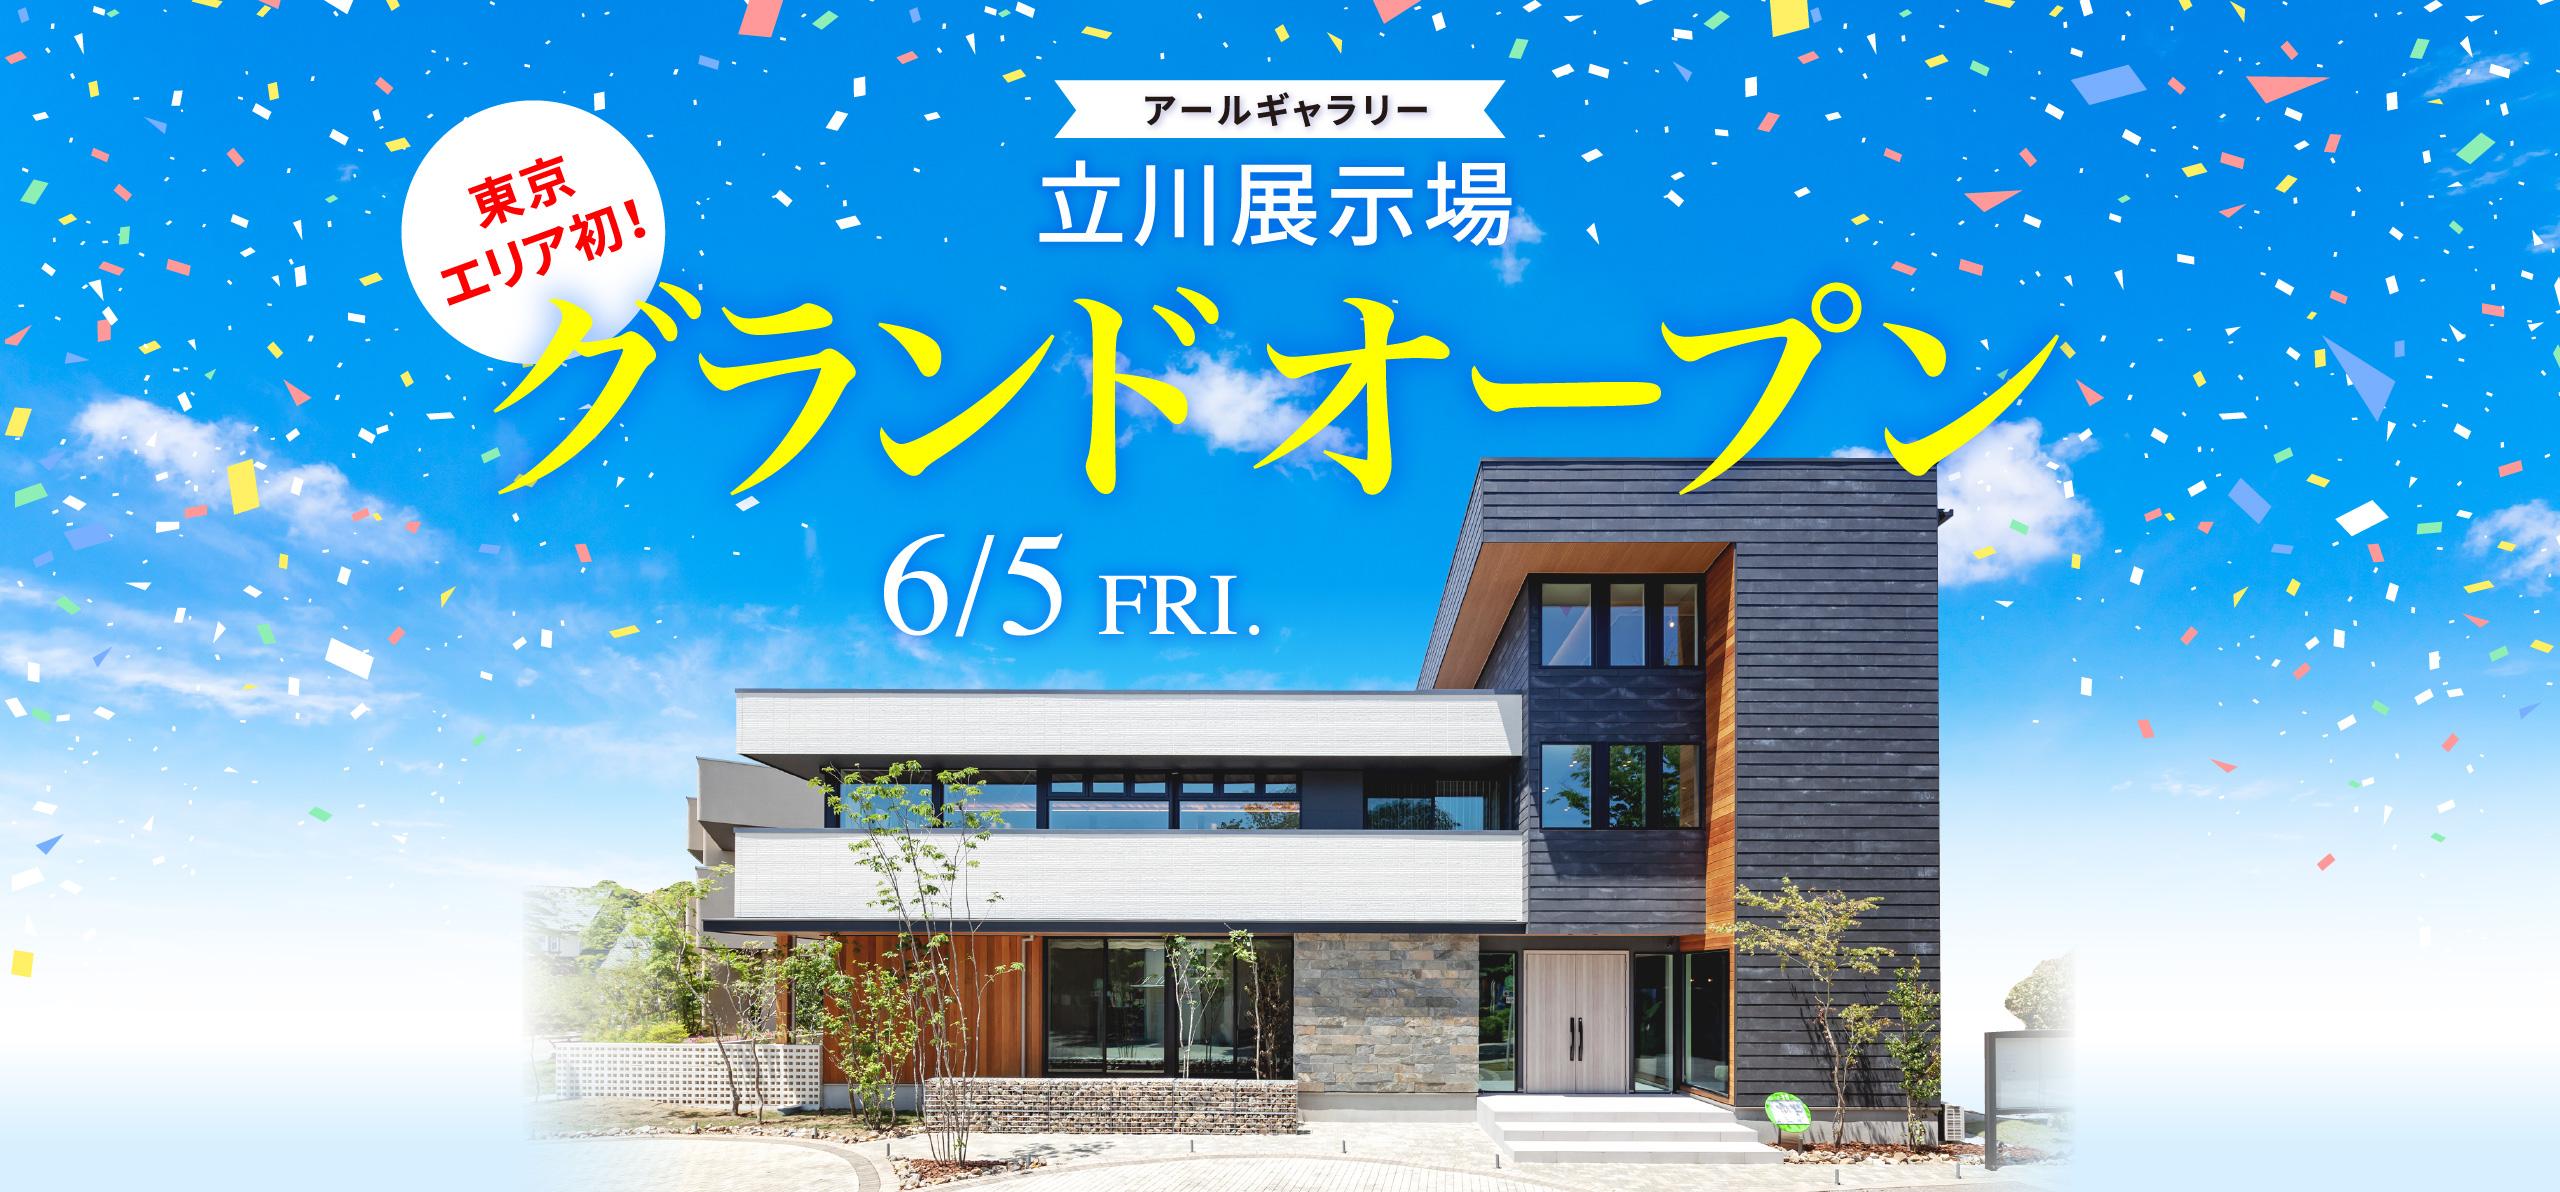 立川展示場 グランドオープン 6/5 FRI.